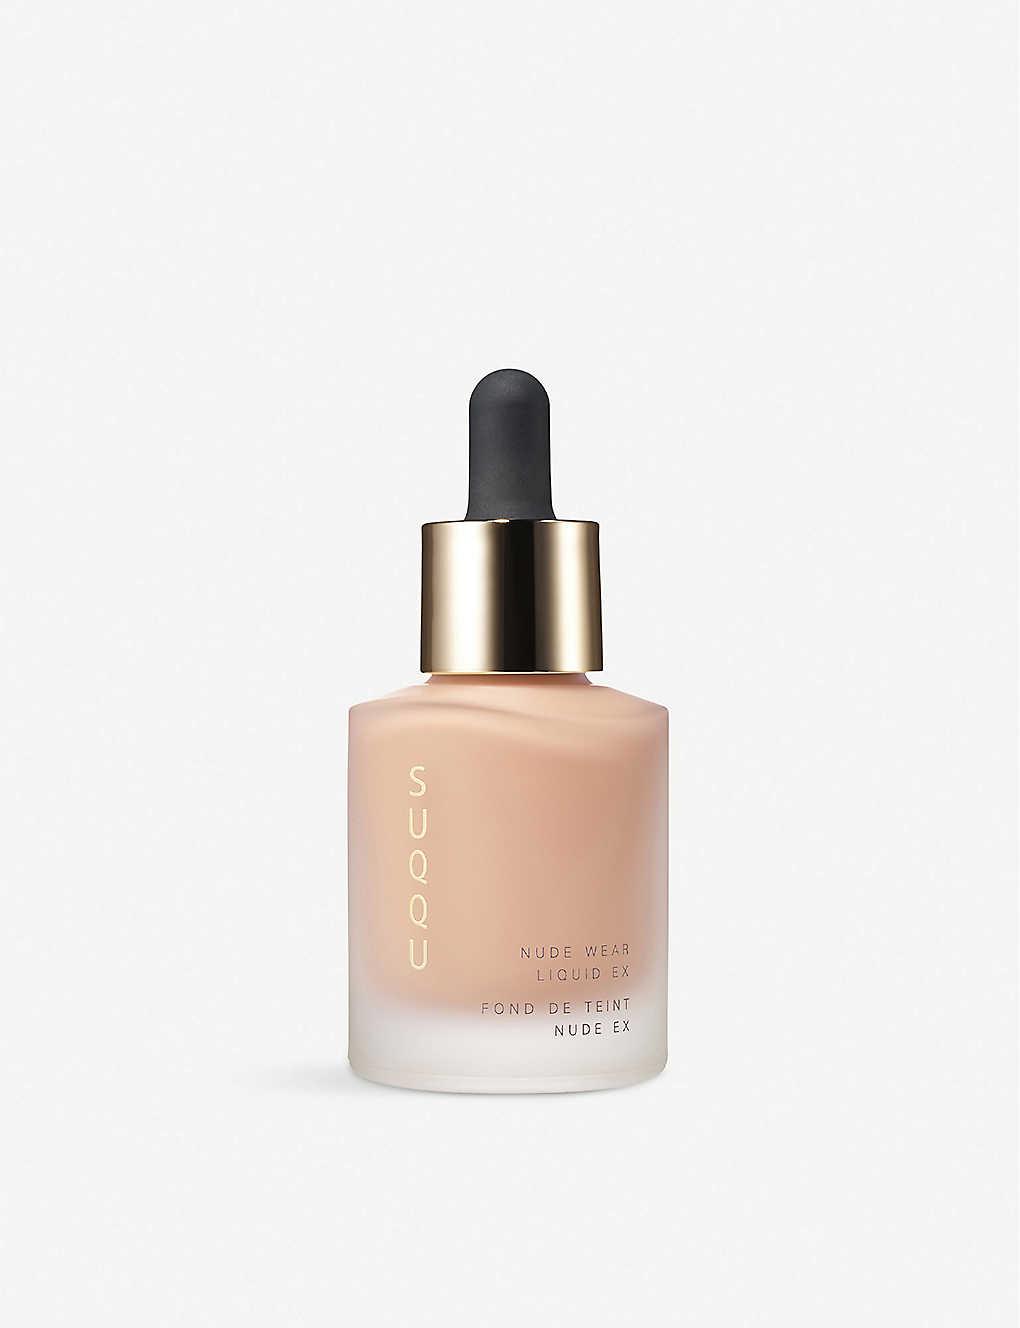 SUQQU: Nude Wear Liquid Ex foundation 30ml